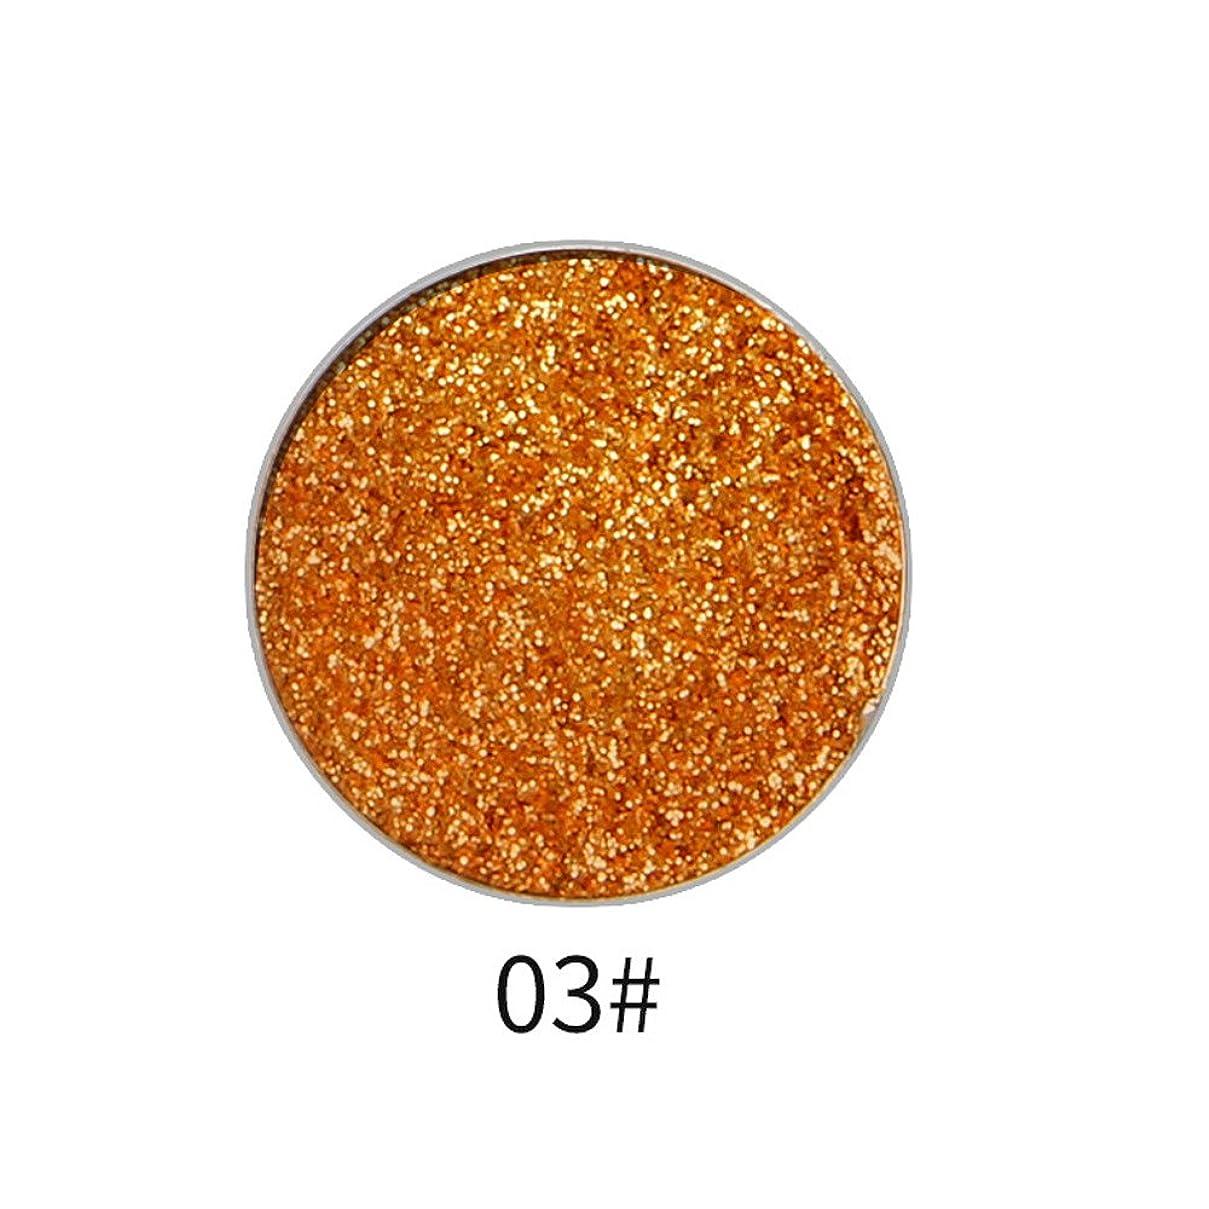 振動する変色する苦味アイシャドウ 単色 多色 パウダー パレット キラキラ マット アイシャドー プロ 化粧 日常メイク やわらかな塗り心地で立体感のある艶やかな目元に仕上げるhuajuan